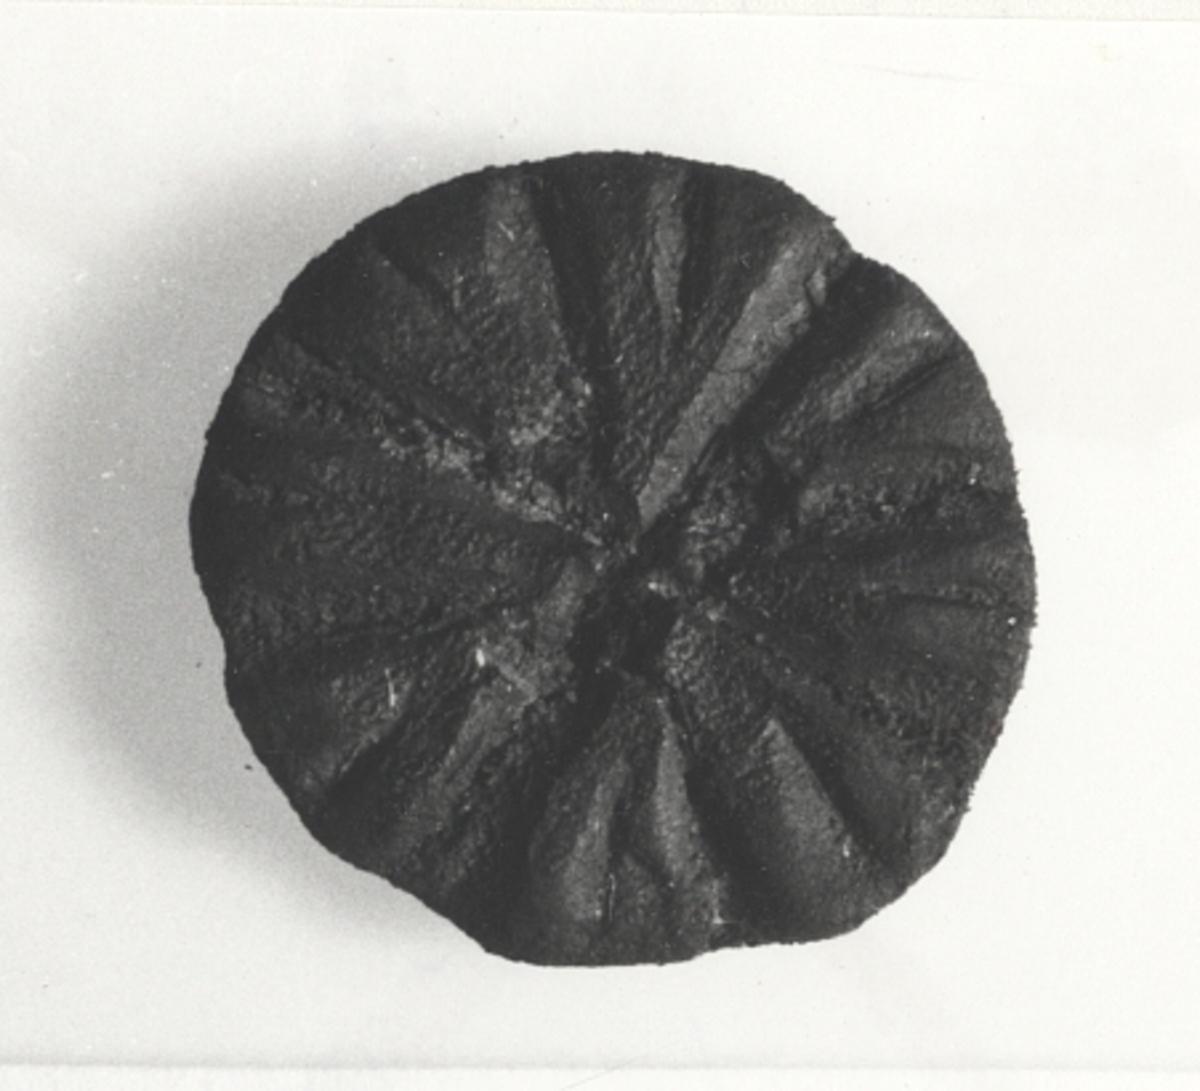 1) Fynd nr K 646 (1,7 cm, 0,2 cm) 2) Fynd nr K 410 (2,2 cm, 0,3) 3) Fynd nr K410 (1,9 cm, 1,2 cm)Föremålets form: Rund med stjärndekor